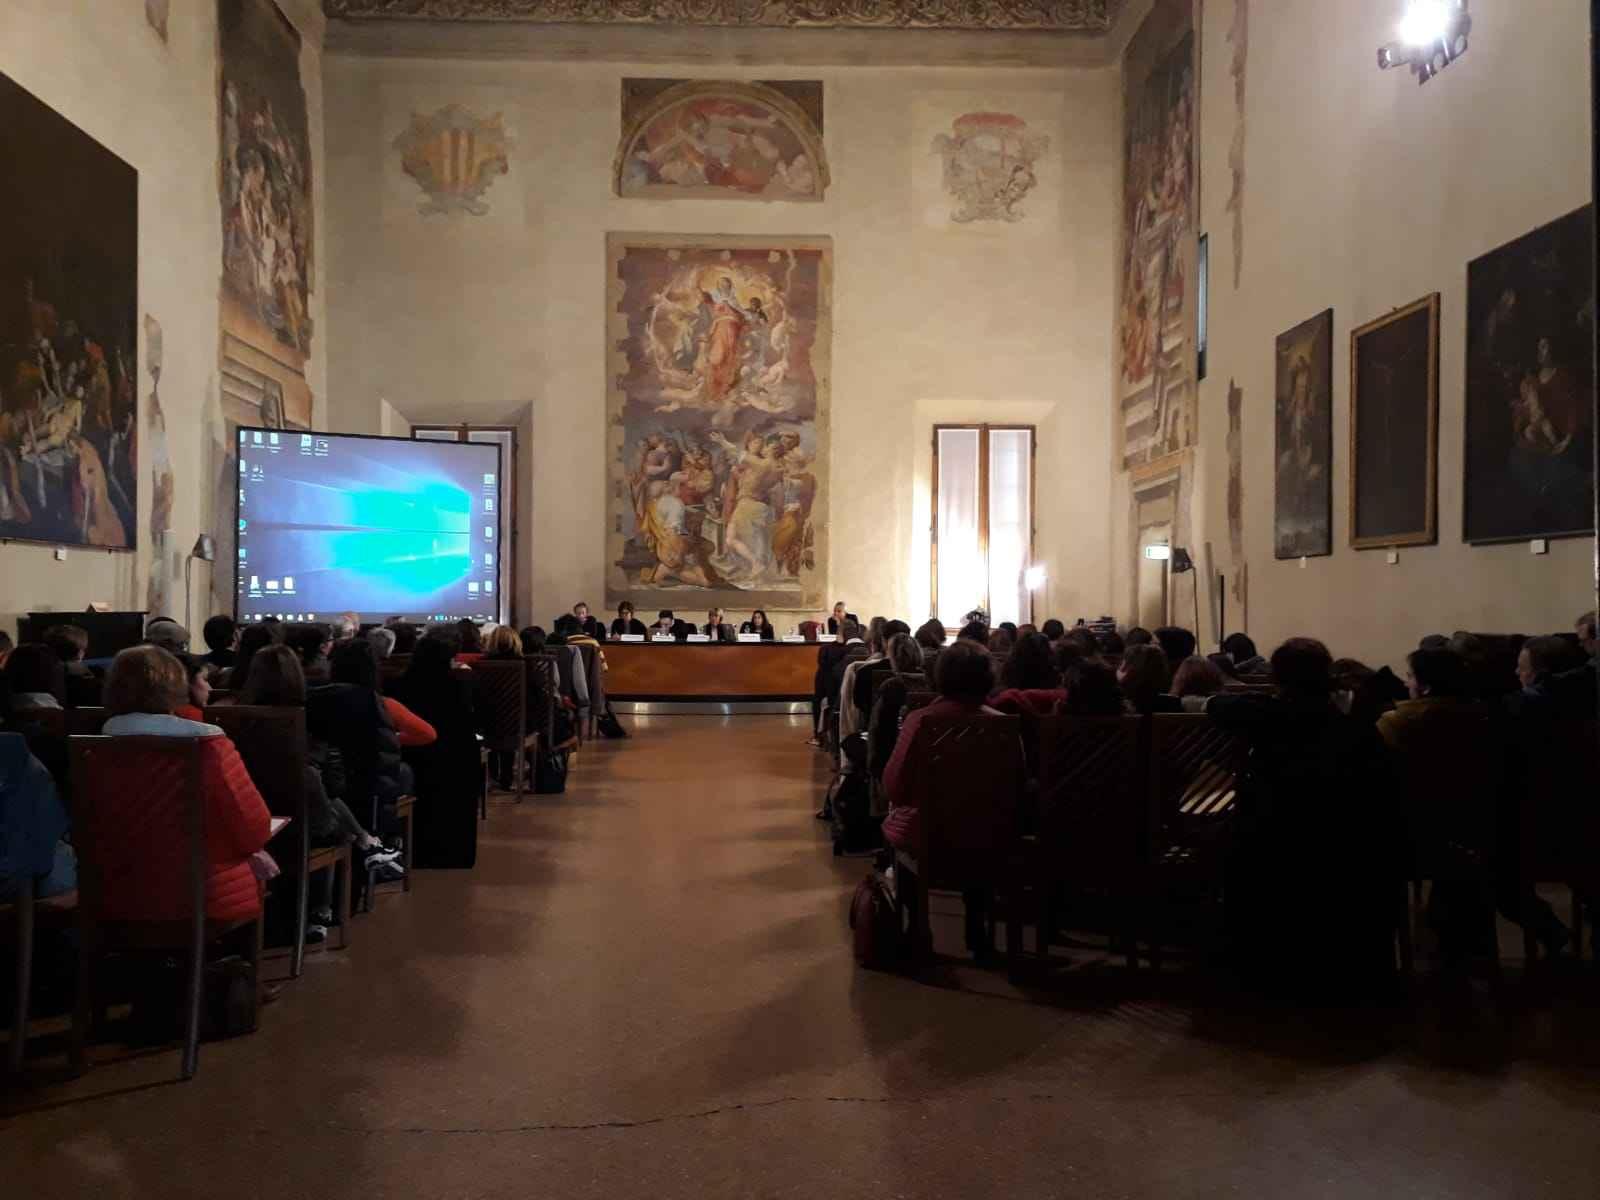 Palazzo d'accursio, Sala Farnese, evento sul contrasto alla grave emarginazione e il sostegno ai migranti